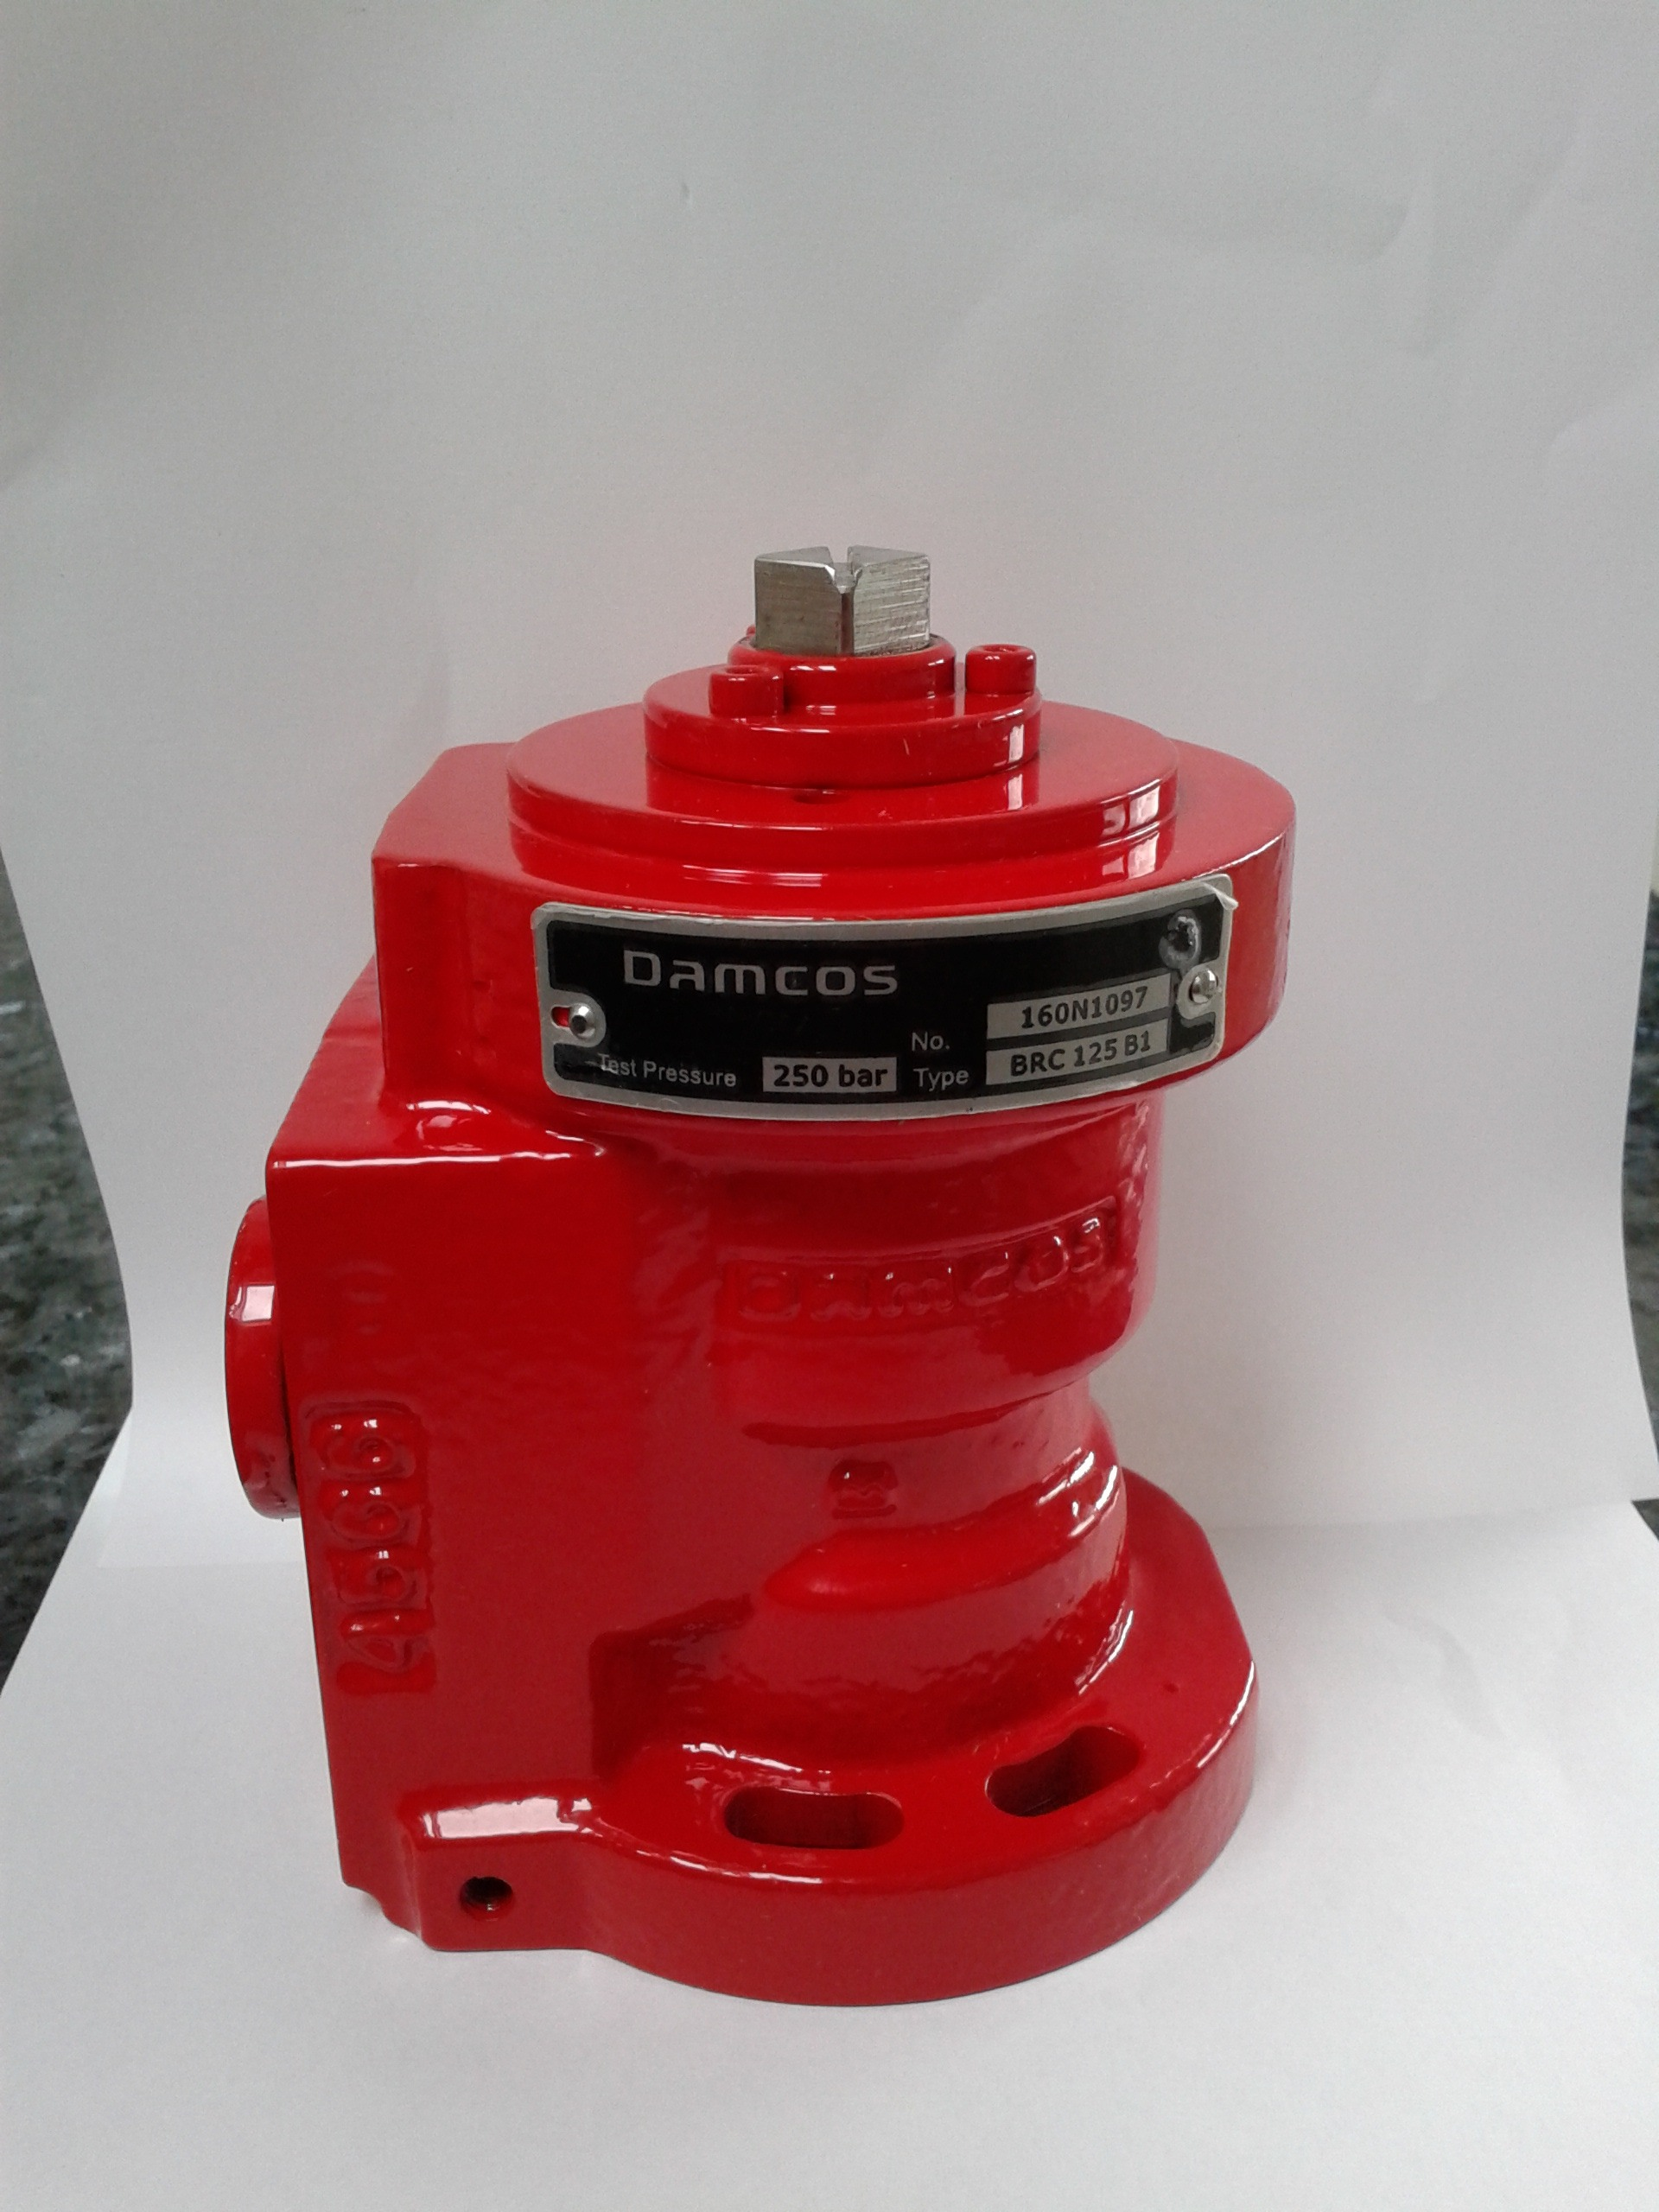 Damcos BRC-125-B1 160N1097